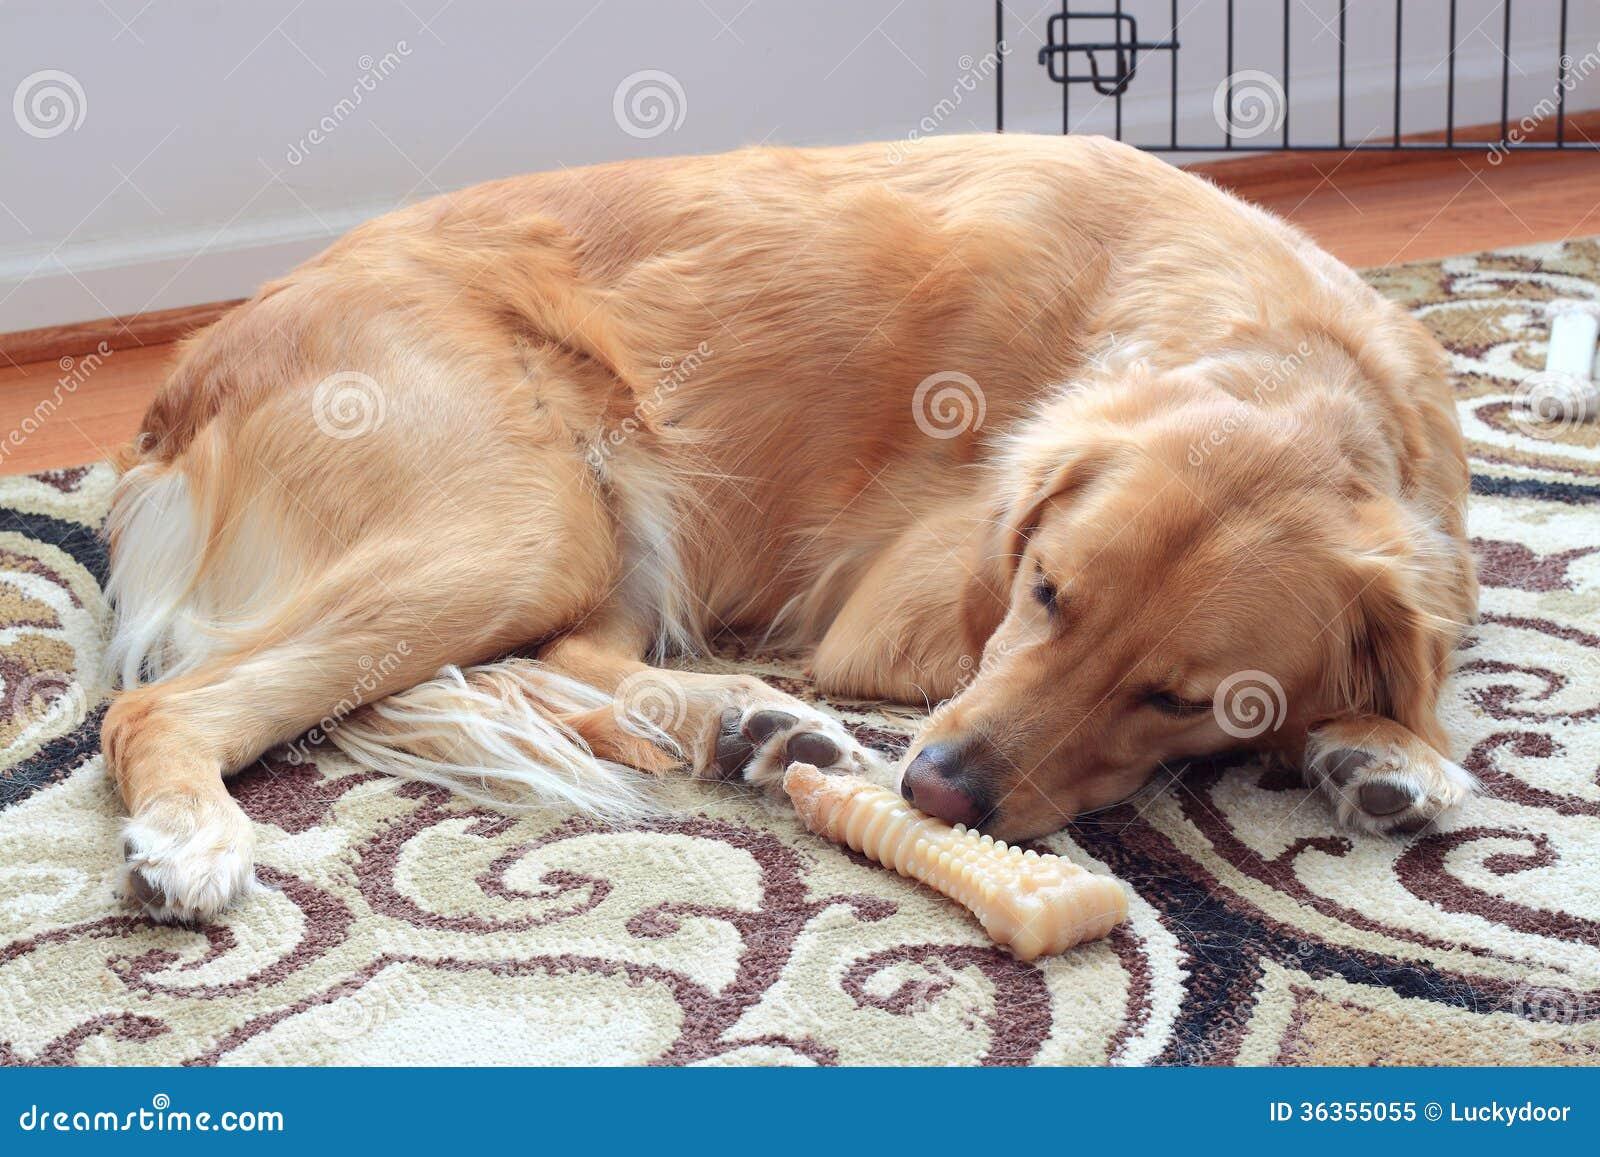 Sleeping Dog Royalty Free Stock Photo Image 36355055